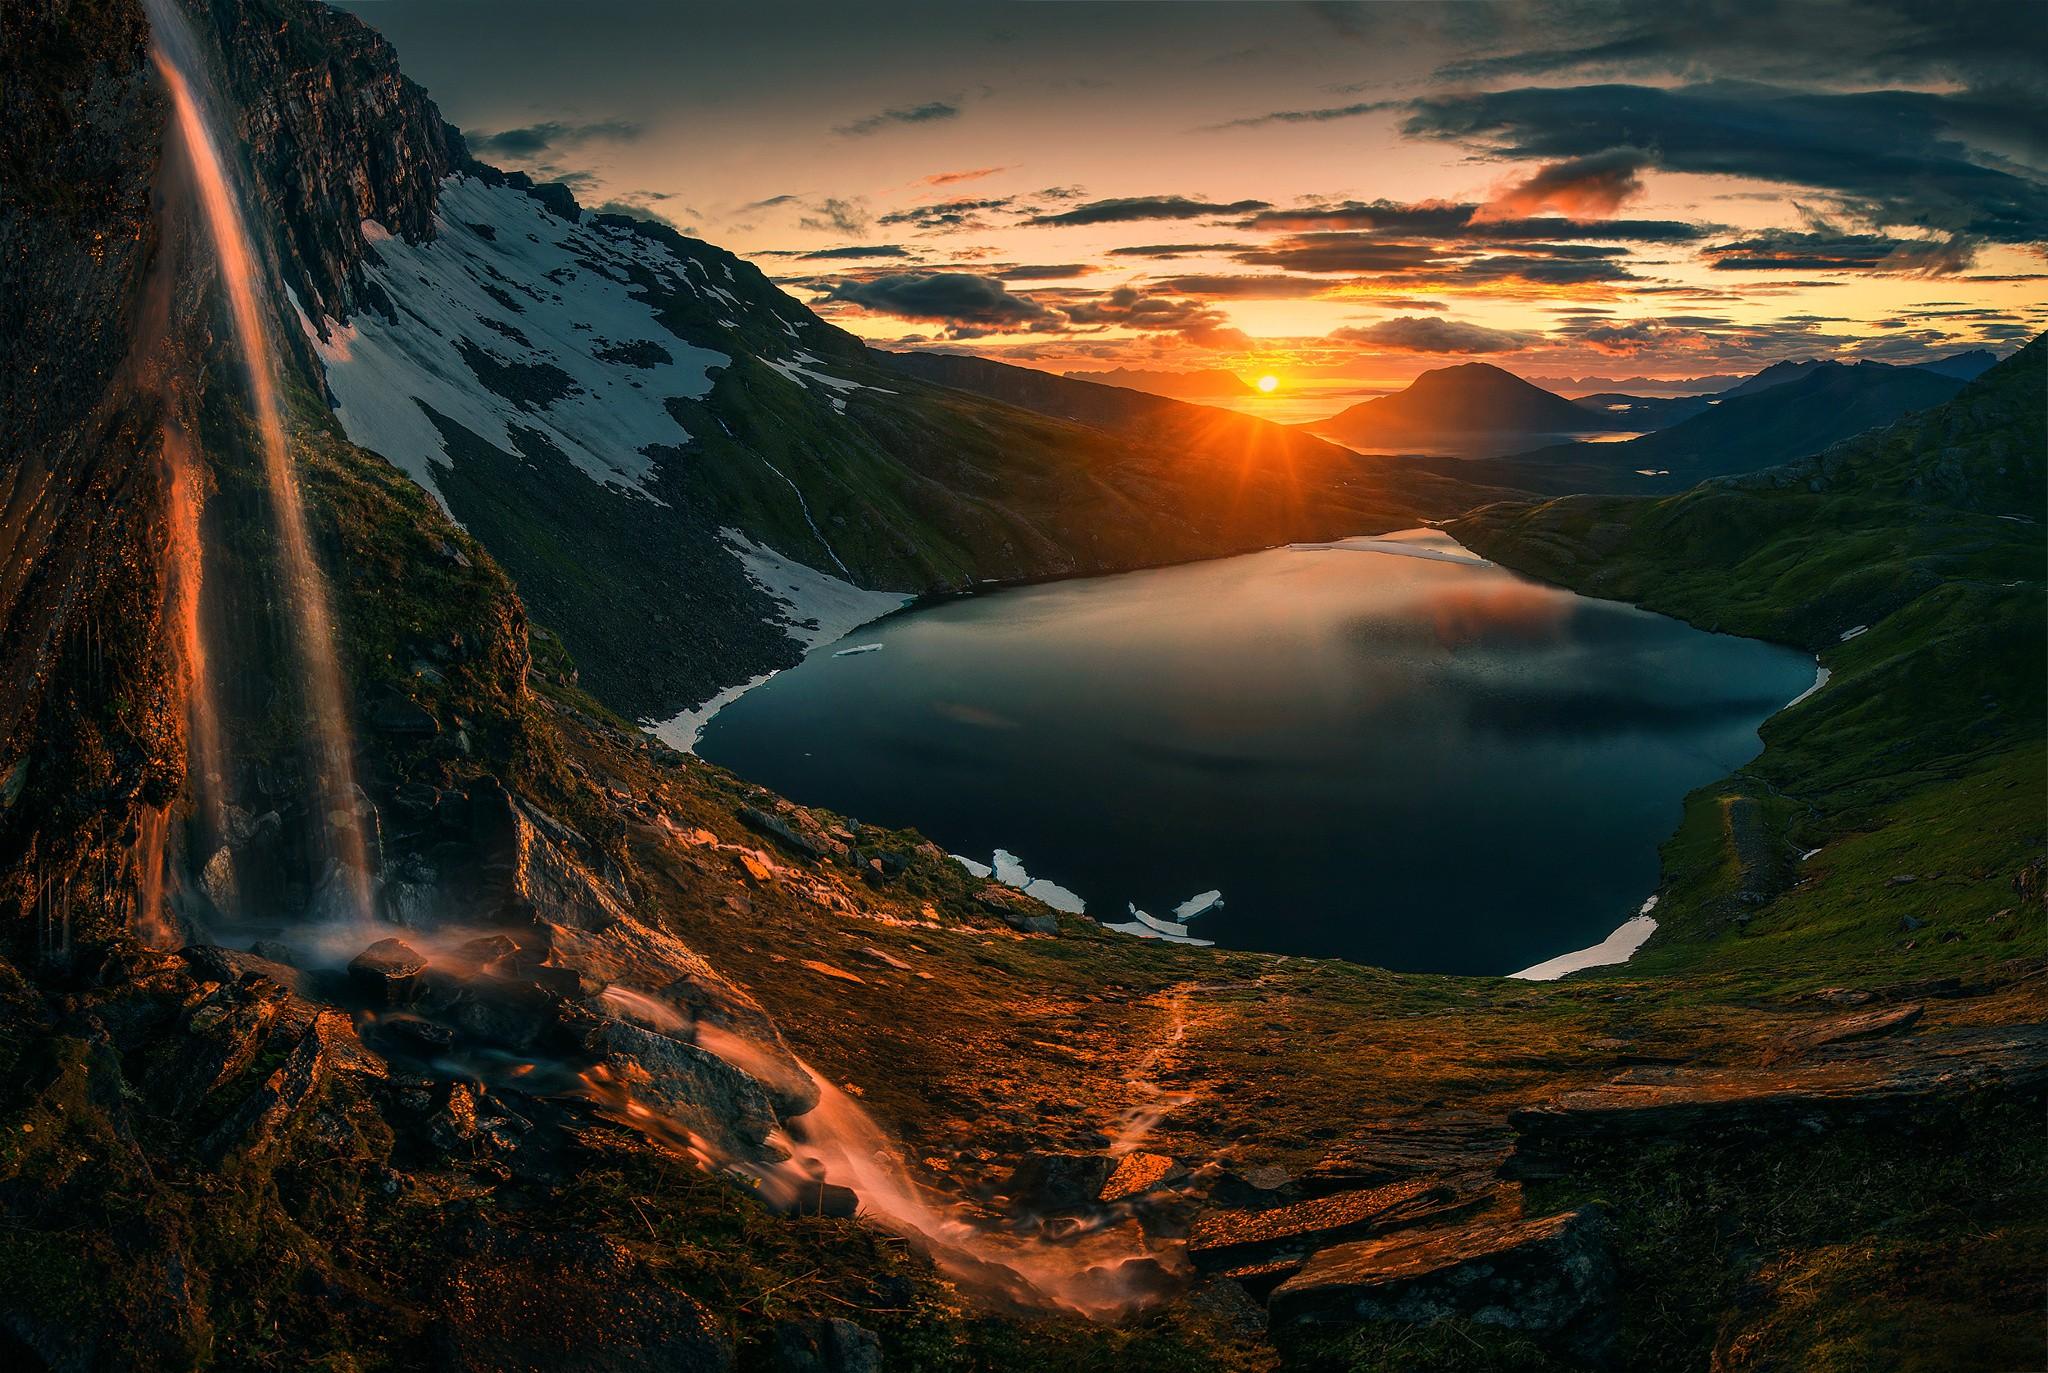 Autumn sunset over the mountain lake